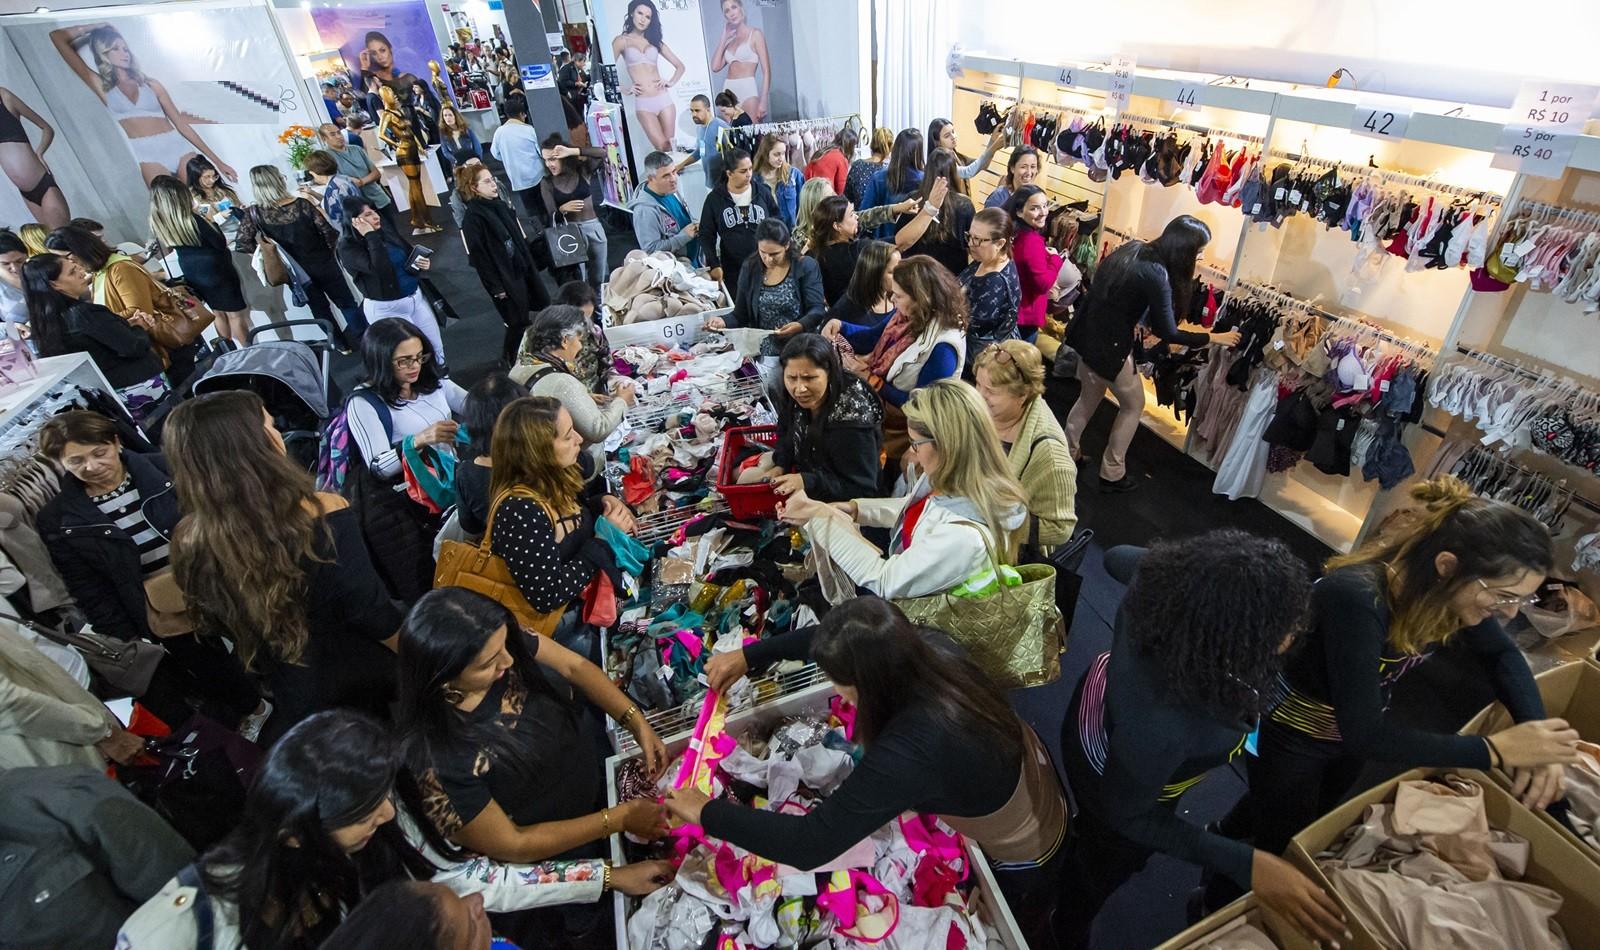 Maior feira de moda íntima do país vende cerca de 50 mil peças e atrai 14.500 pessoas durante evento no RJ - Notícias - Plantão Diário